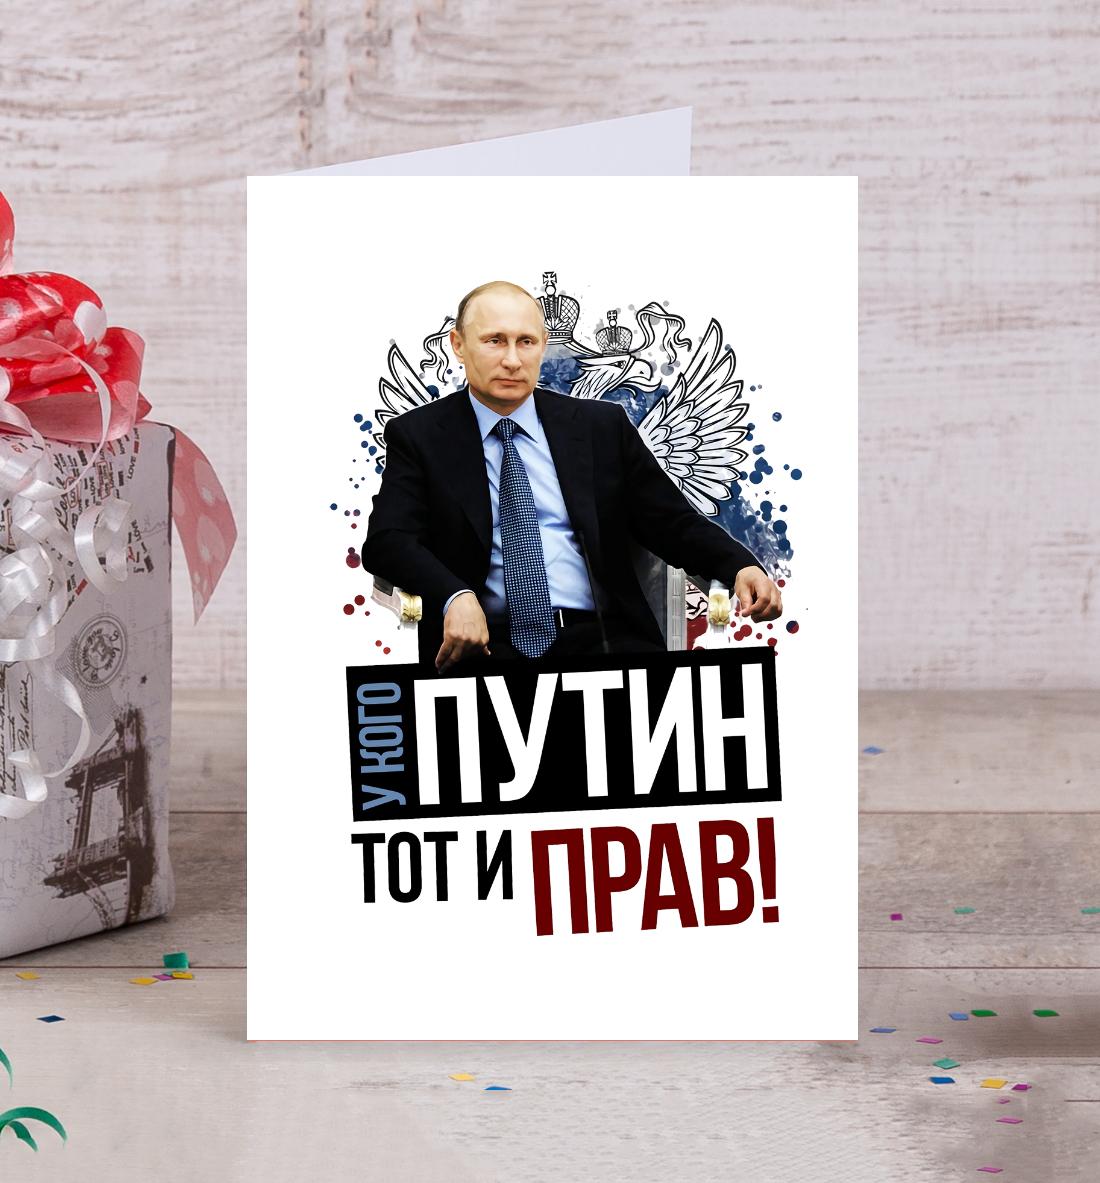 Купить У кого Путин, тот и прав, Printbar, Открытки, PUT-371639-otk